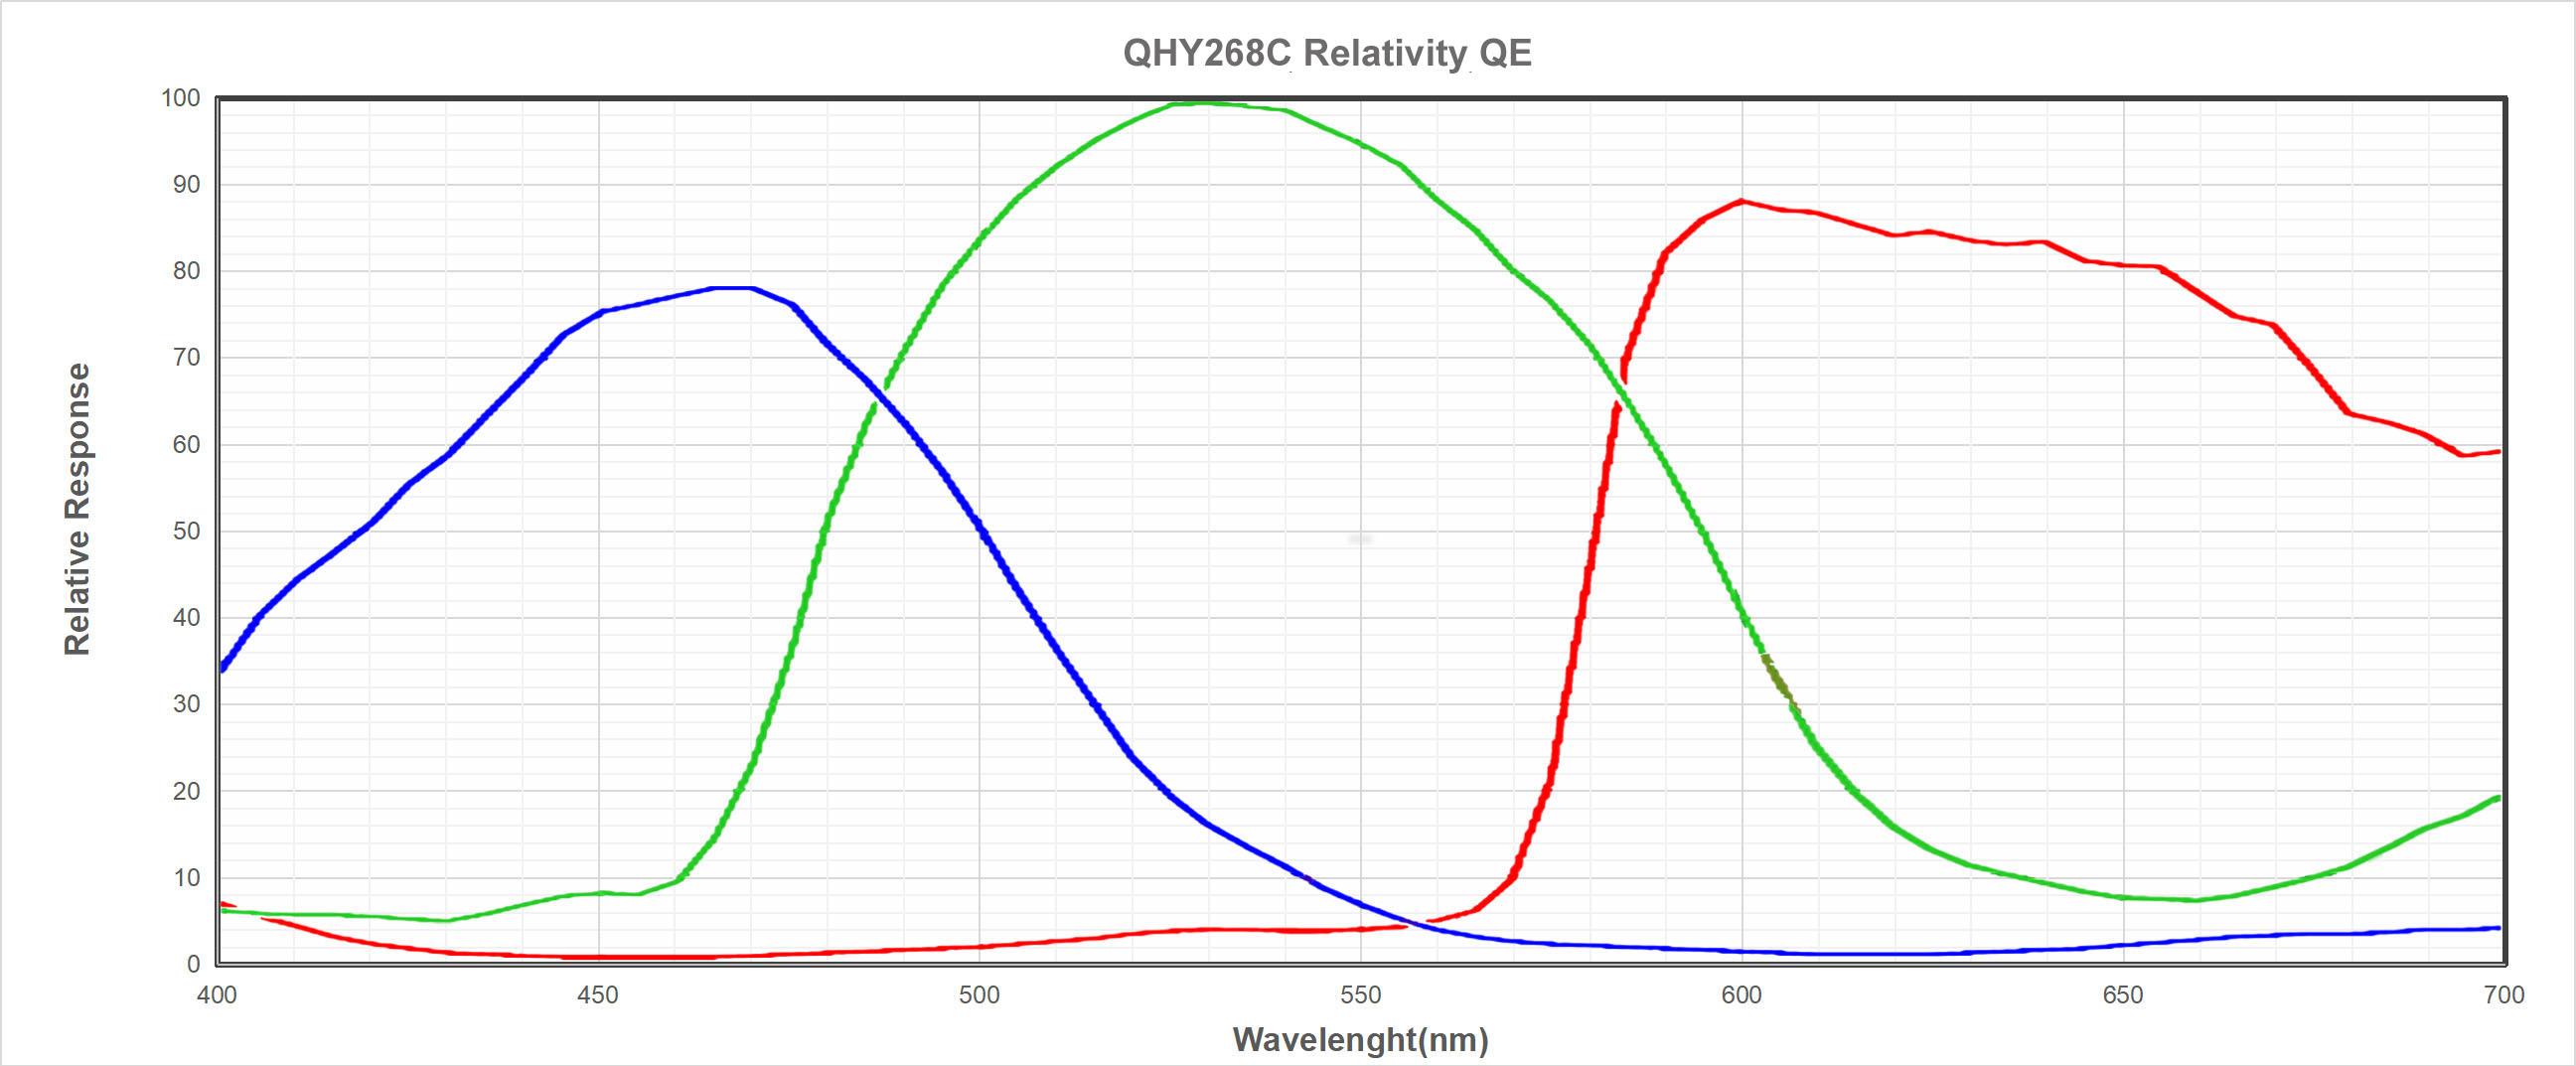 QHY268C QE RGB